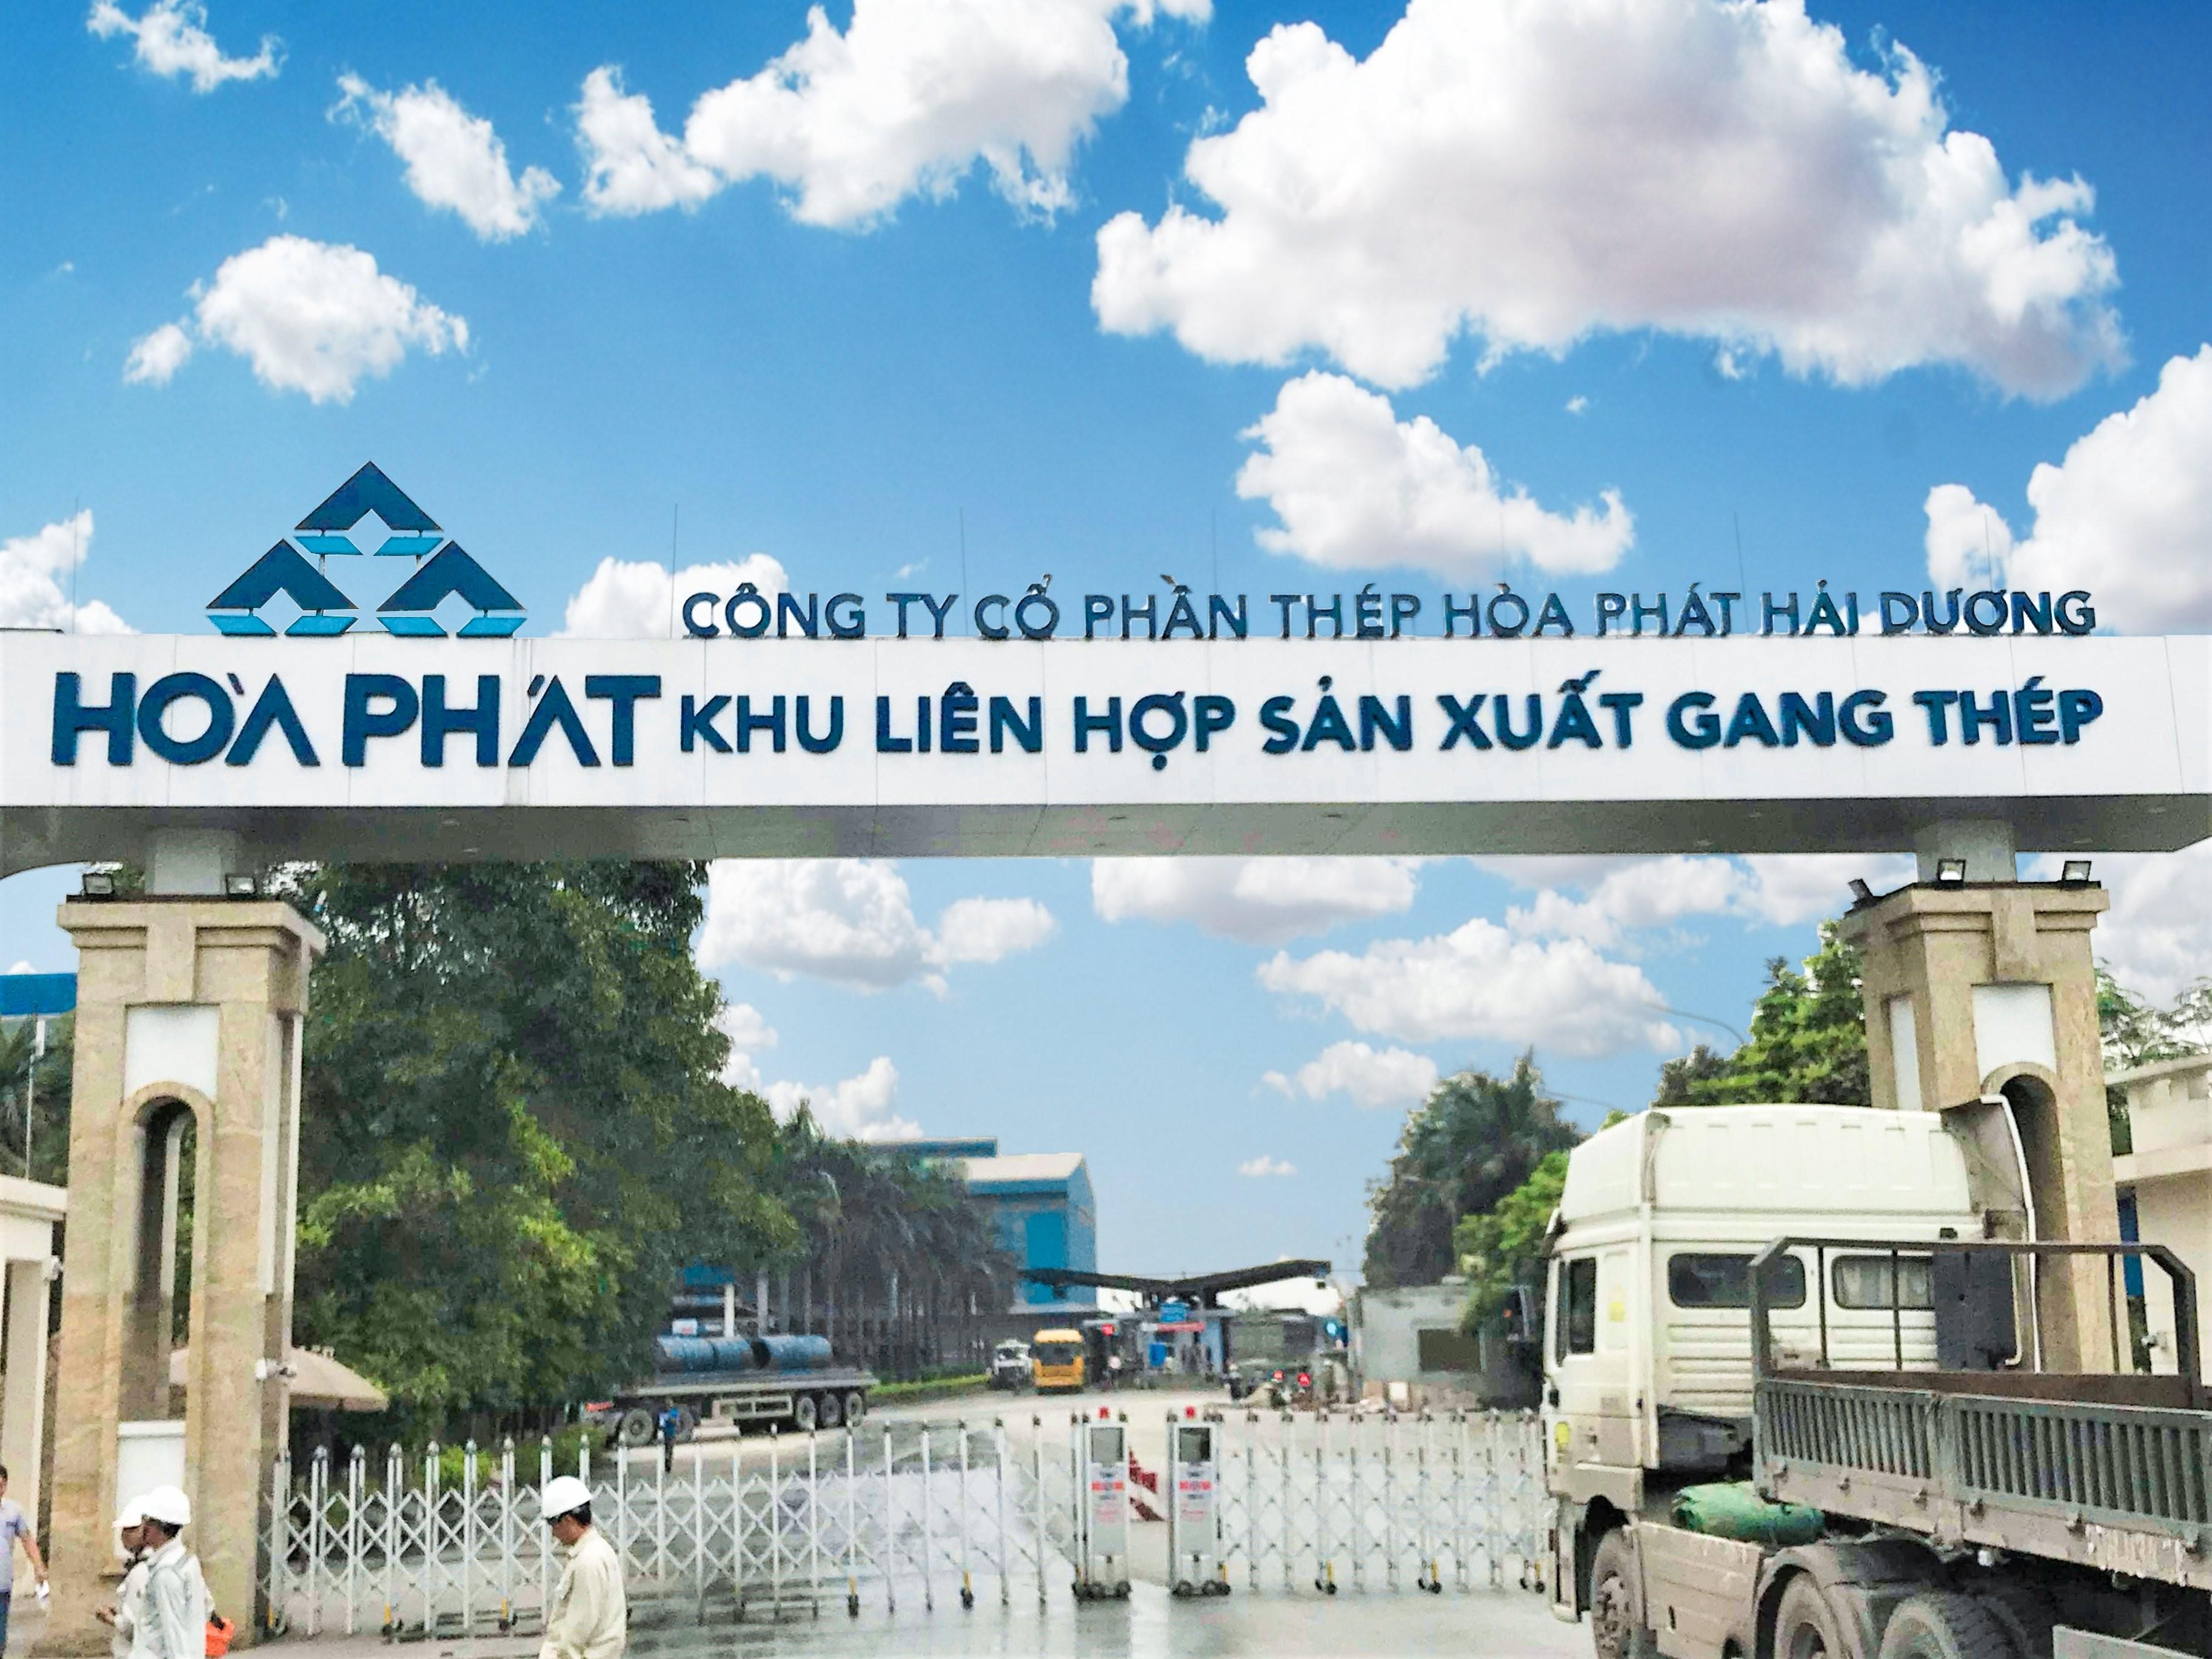 khu-lien-hop-thep-hoa-phat-hai-duong